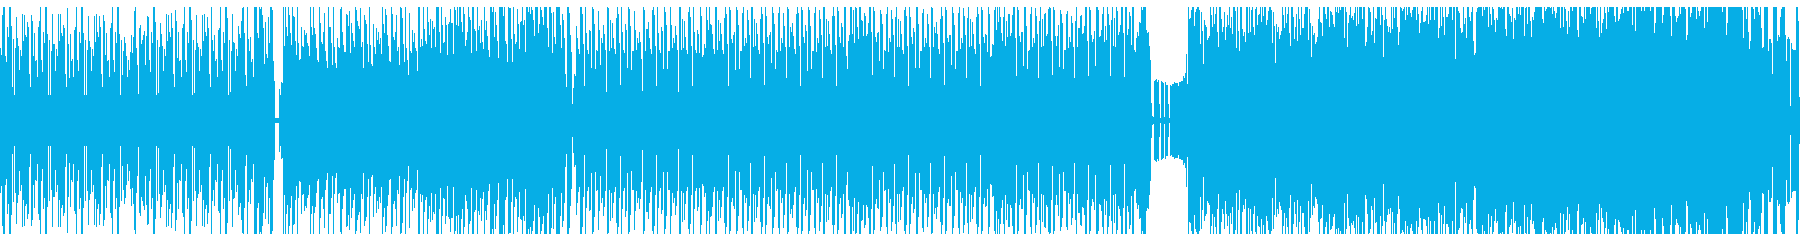 ハイテンポなサイケデリックトランス風の曲の再生済みの波形